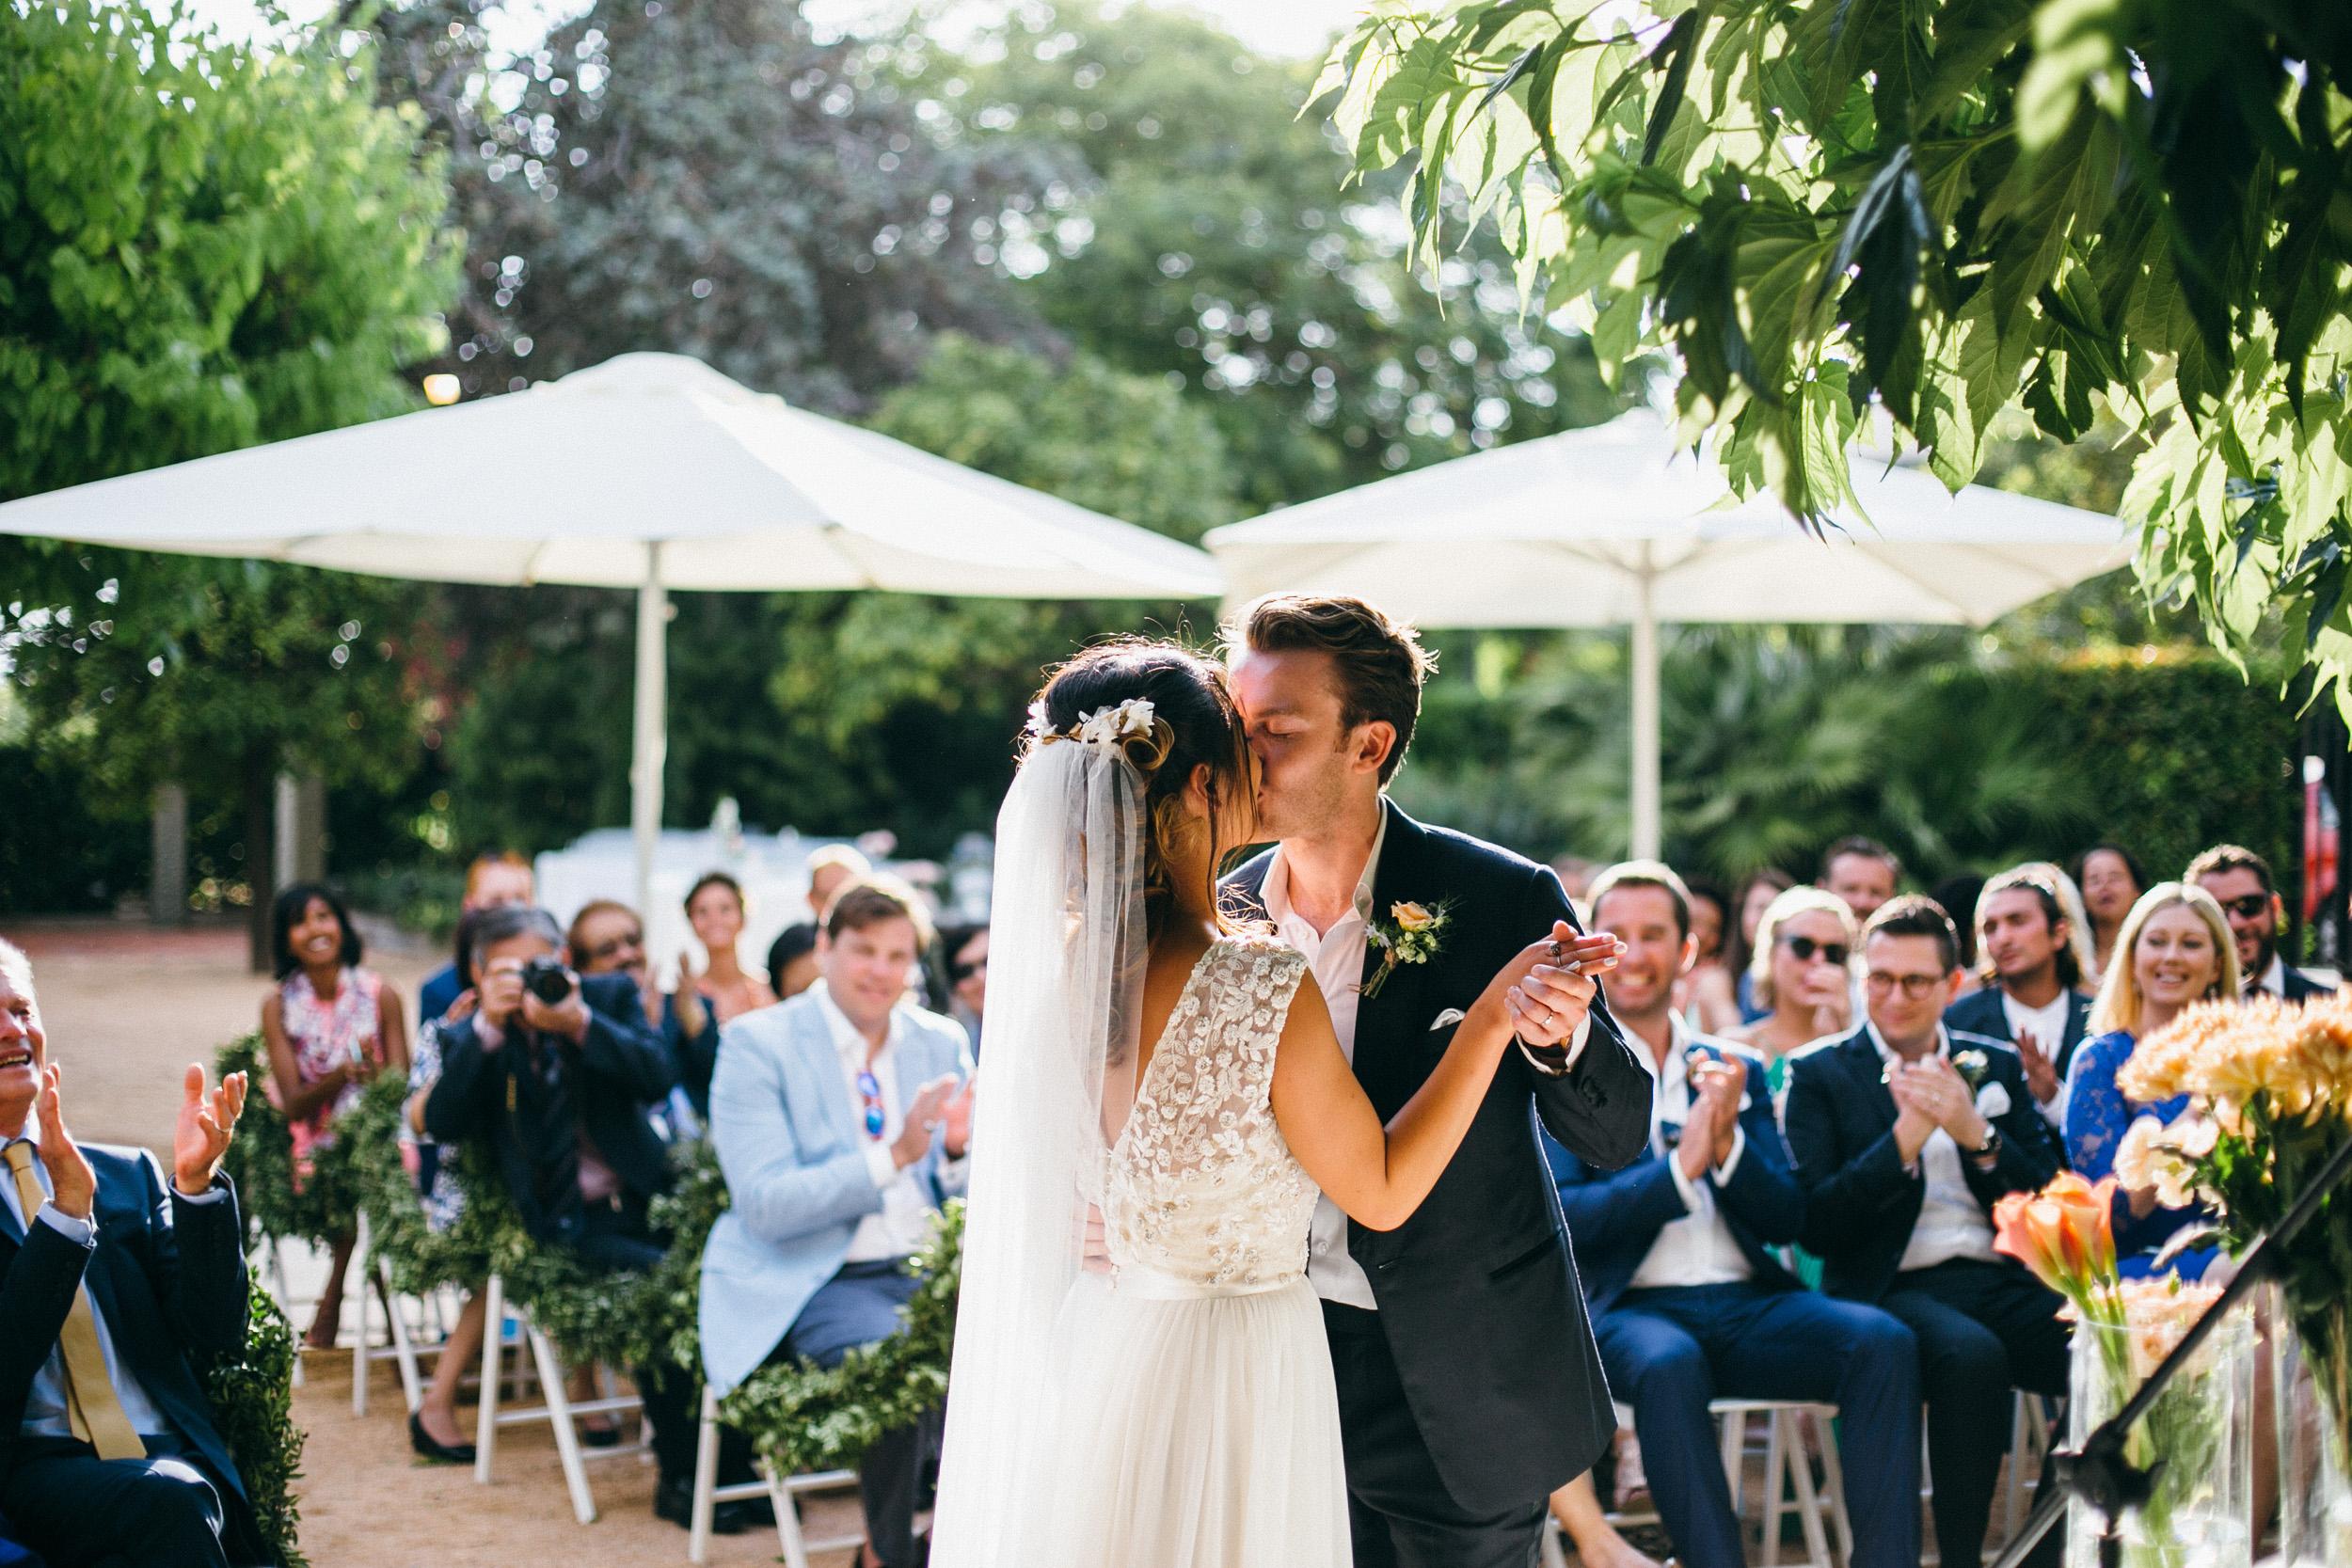 fotografos_boda_wedding_barcelona_valencia081.jpg